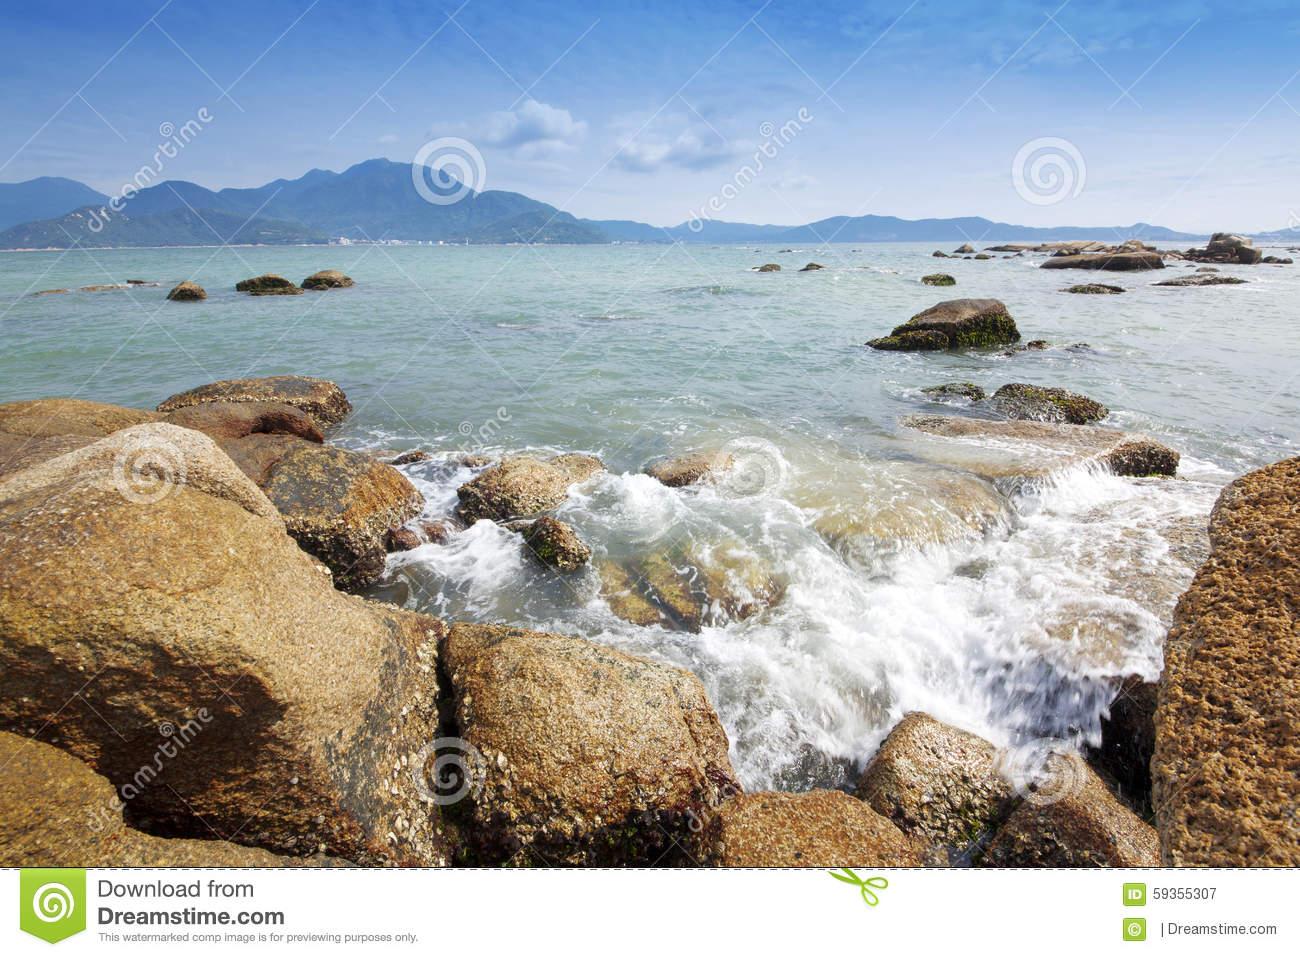 Dapeng, Longgang, Shenzhen, Guangdong, China Daya Bay Scenery.